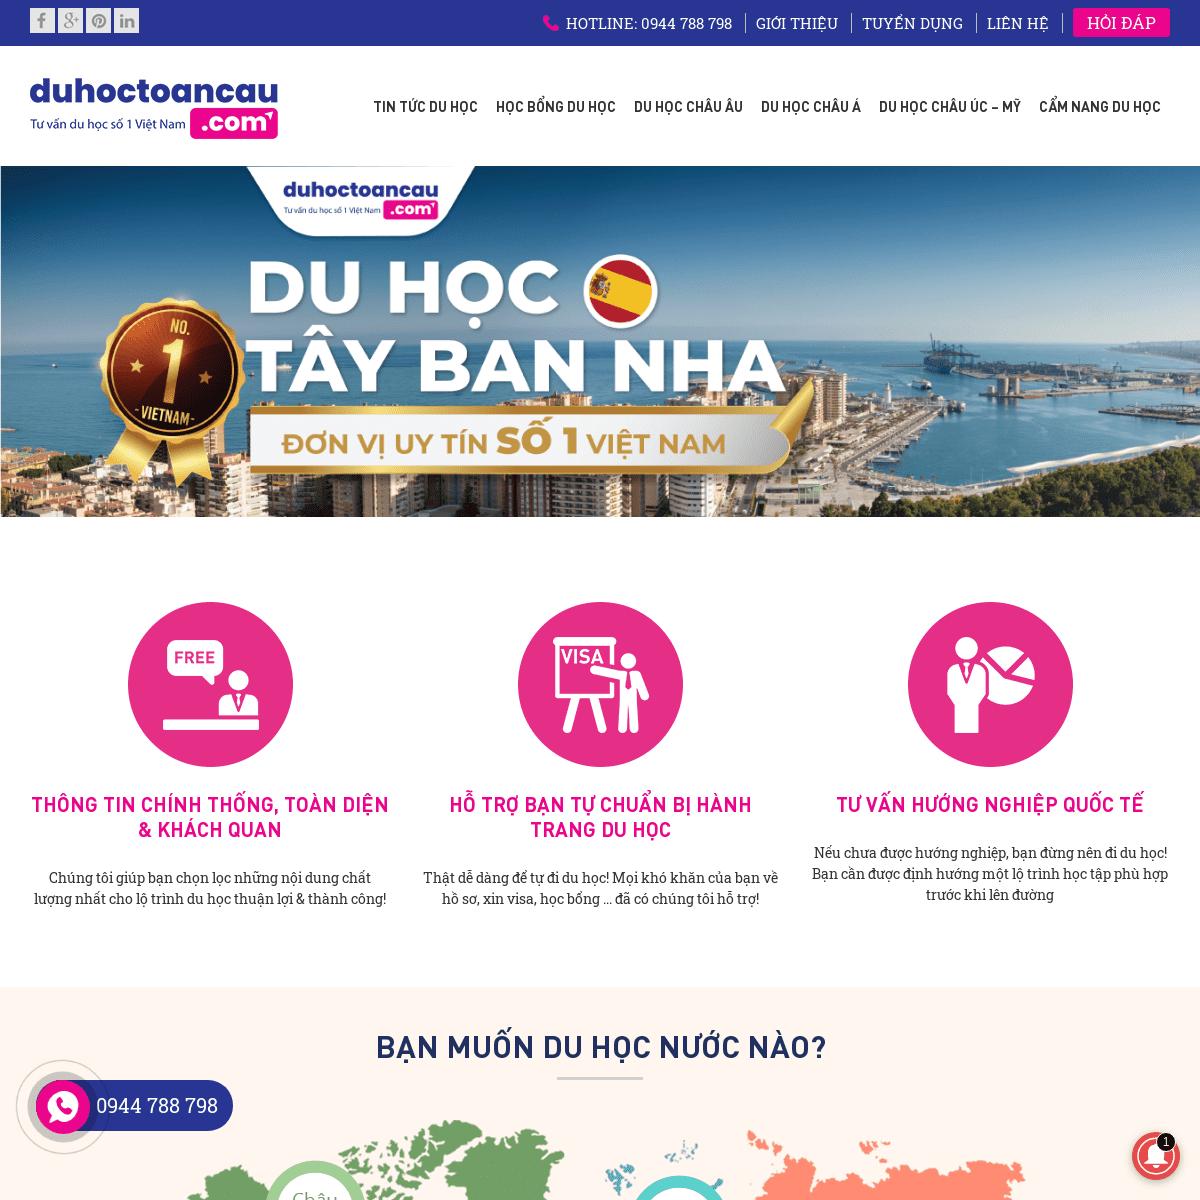 Duhoctoancau.com - Tư vấn du học số 1 Việt Nam